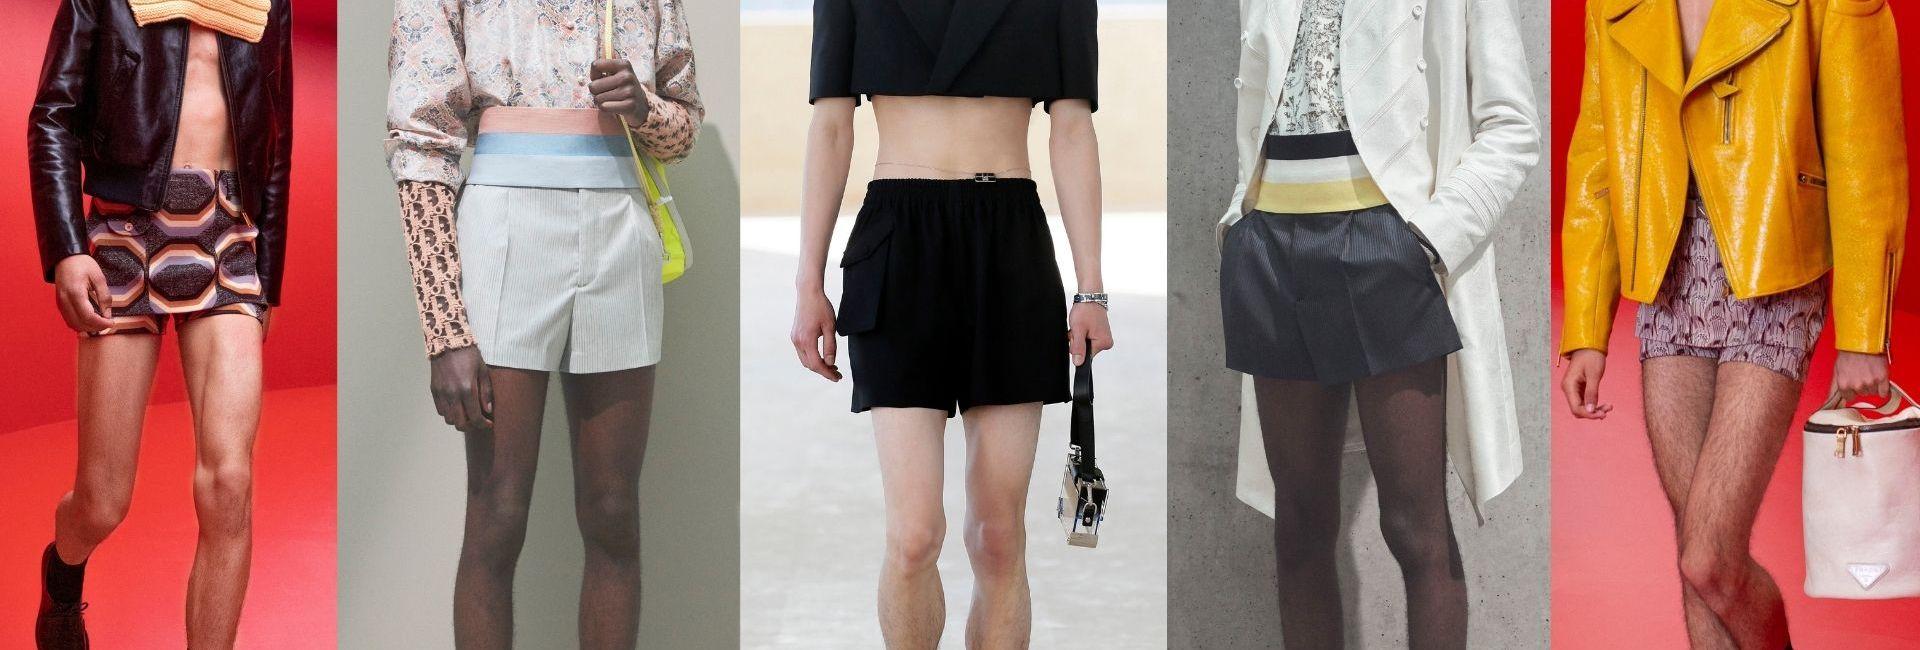 Les mini-shorts sur les podiums homme de gauche à droite : Prada printemps-été 2022, Dior PE 2021, Fendi PE 2022, Dior PE 2021, Prada PE 2022.